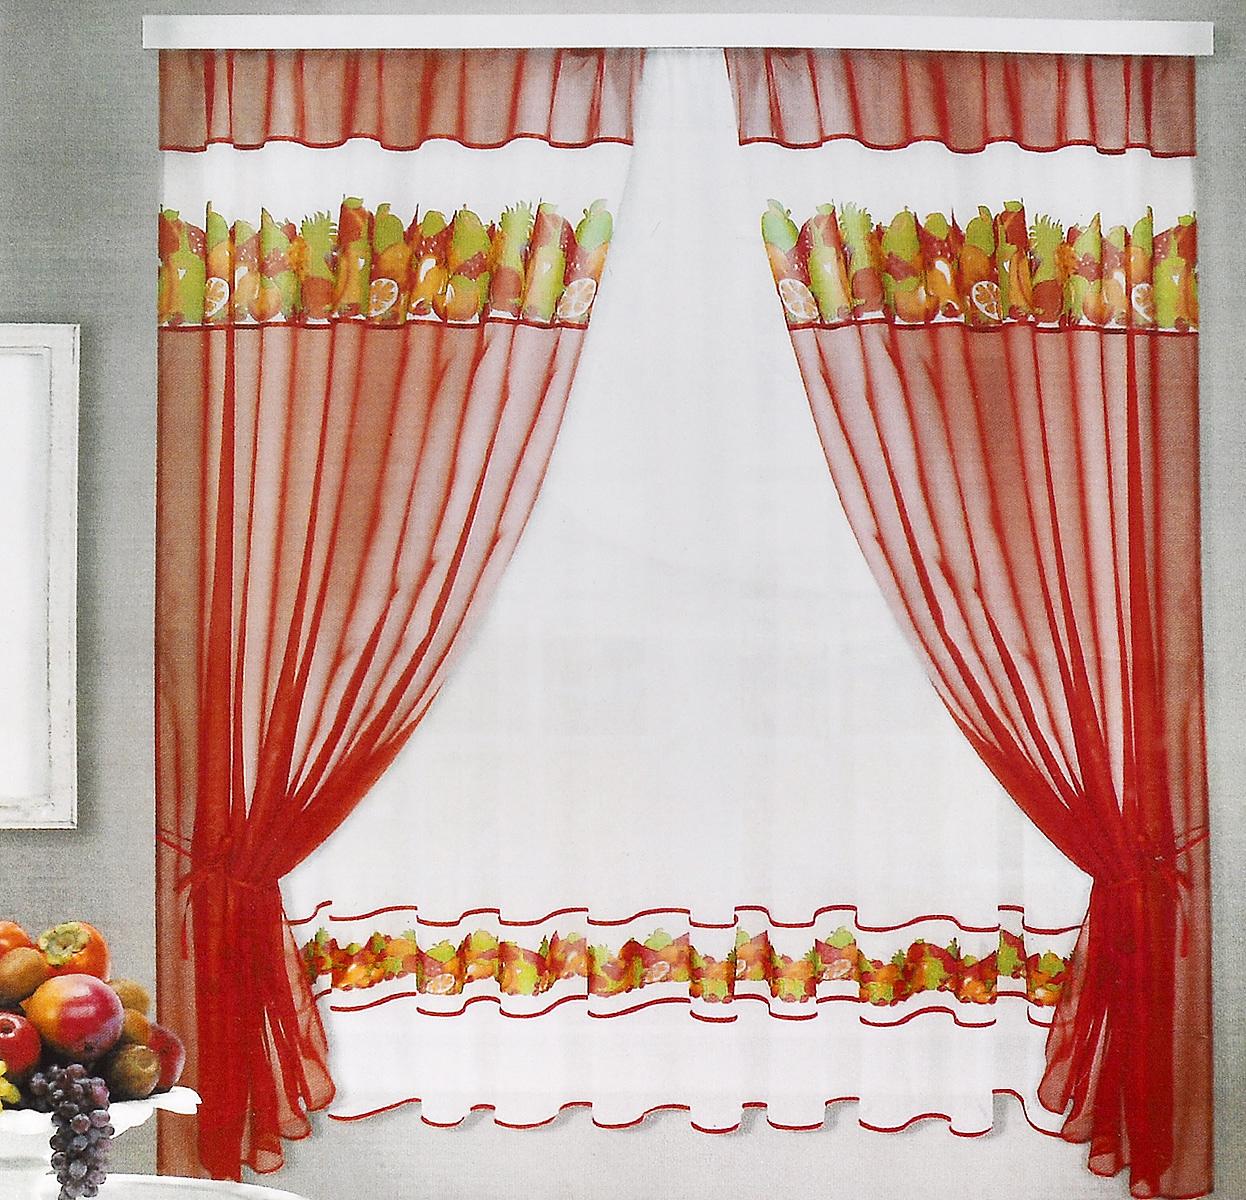 Комплект штор для кухни ТД Текстиль Фруктовая поляна, на ленте, цвет: бордовый, белый, 5 предметов86157_бордовыйКомплект штор для кухни ТД Текстиль Фруктовая поляна, выполненный из вуалевого полотна (100% полиэстер), великолепно украсит любое окно. Комплект состоит из тюля, двух штор и двух подхватов. Оригинальный дизайн и яркая цветовая гамма привлекут к себе внимание и органично впишутся в интерьер помещения.Комплект крепится на карниз при помощи ленты, которая поможет красиво и равномерно задрапировать верх. Комплект будет долгое время радовать вас и вашу семью!